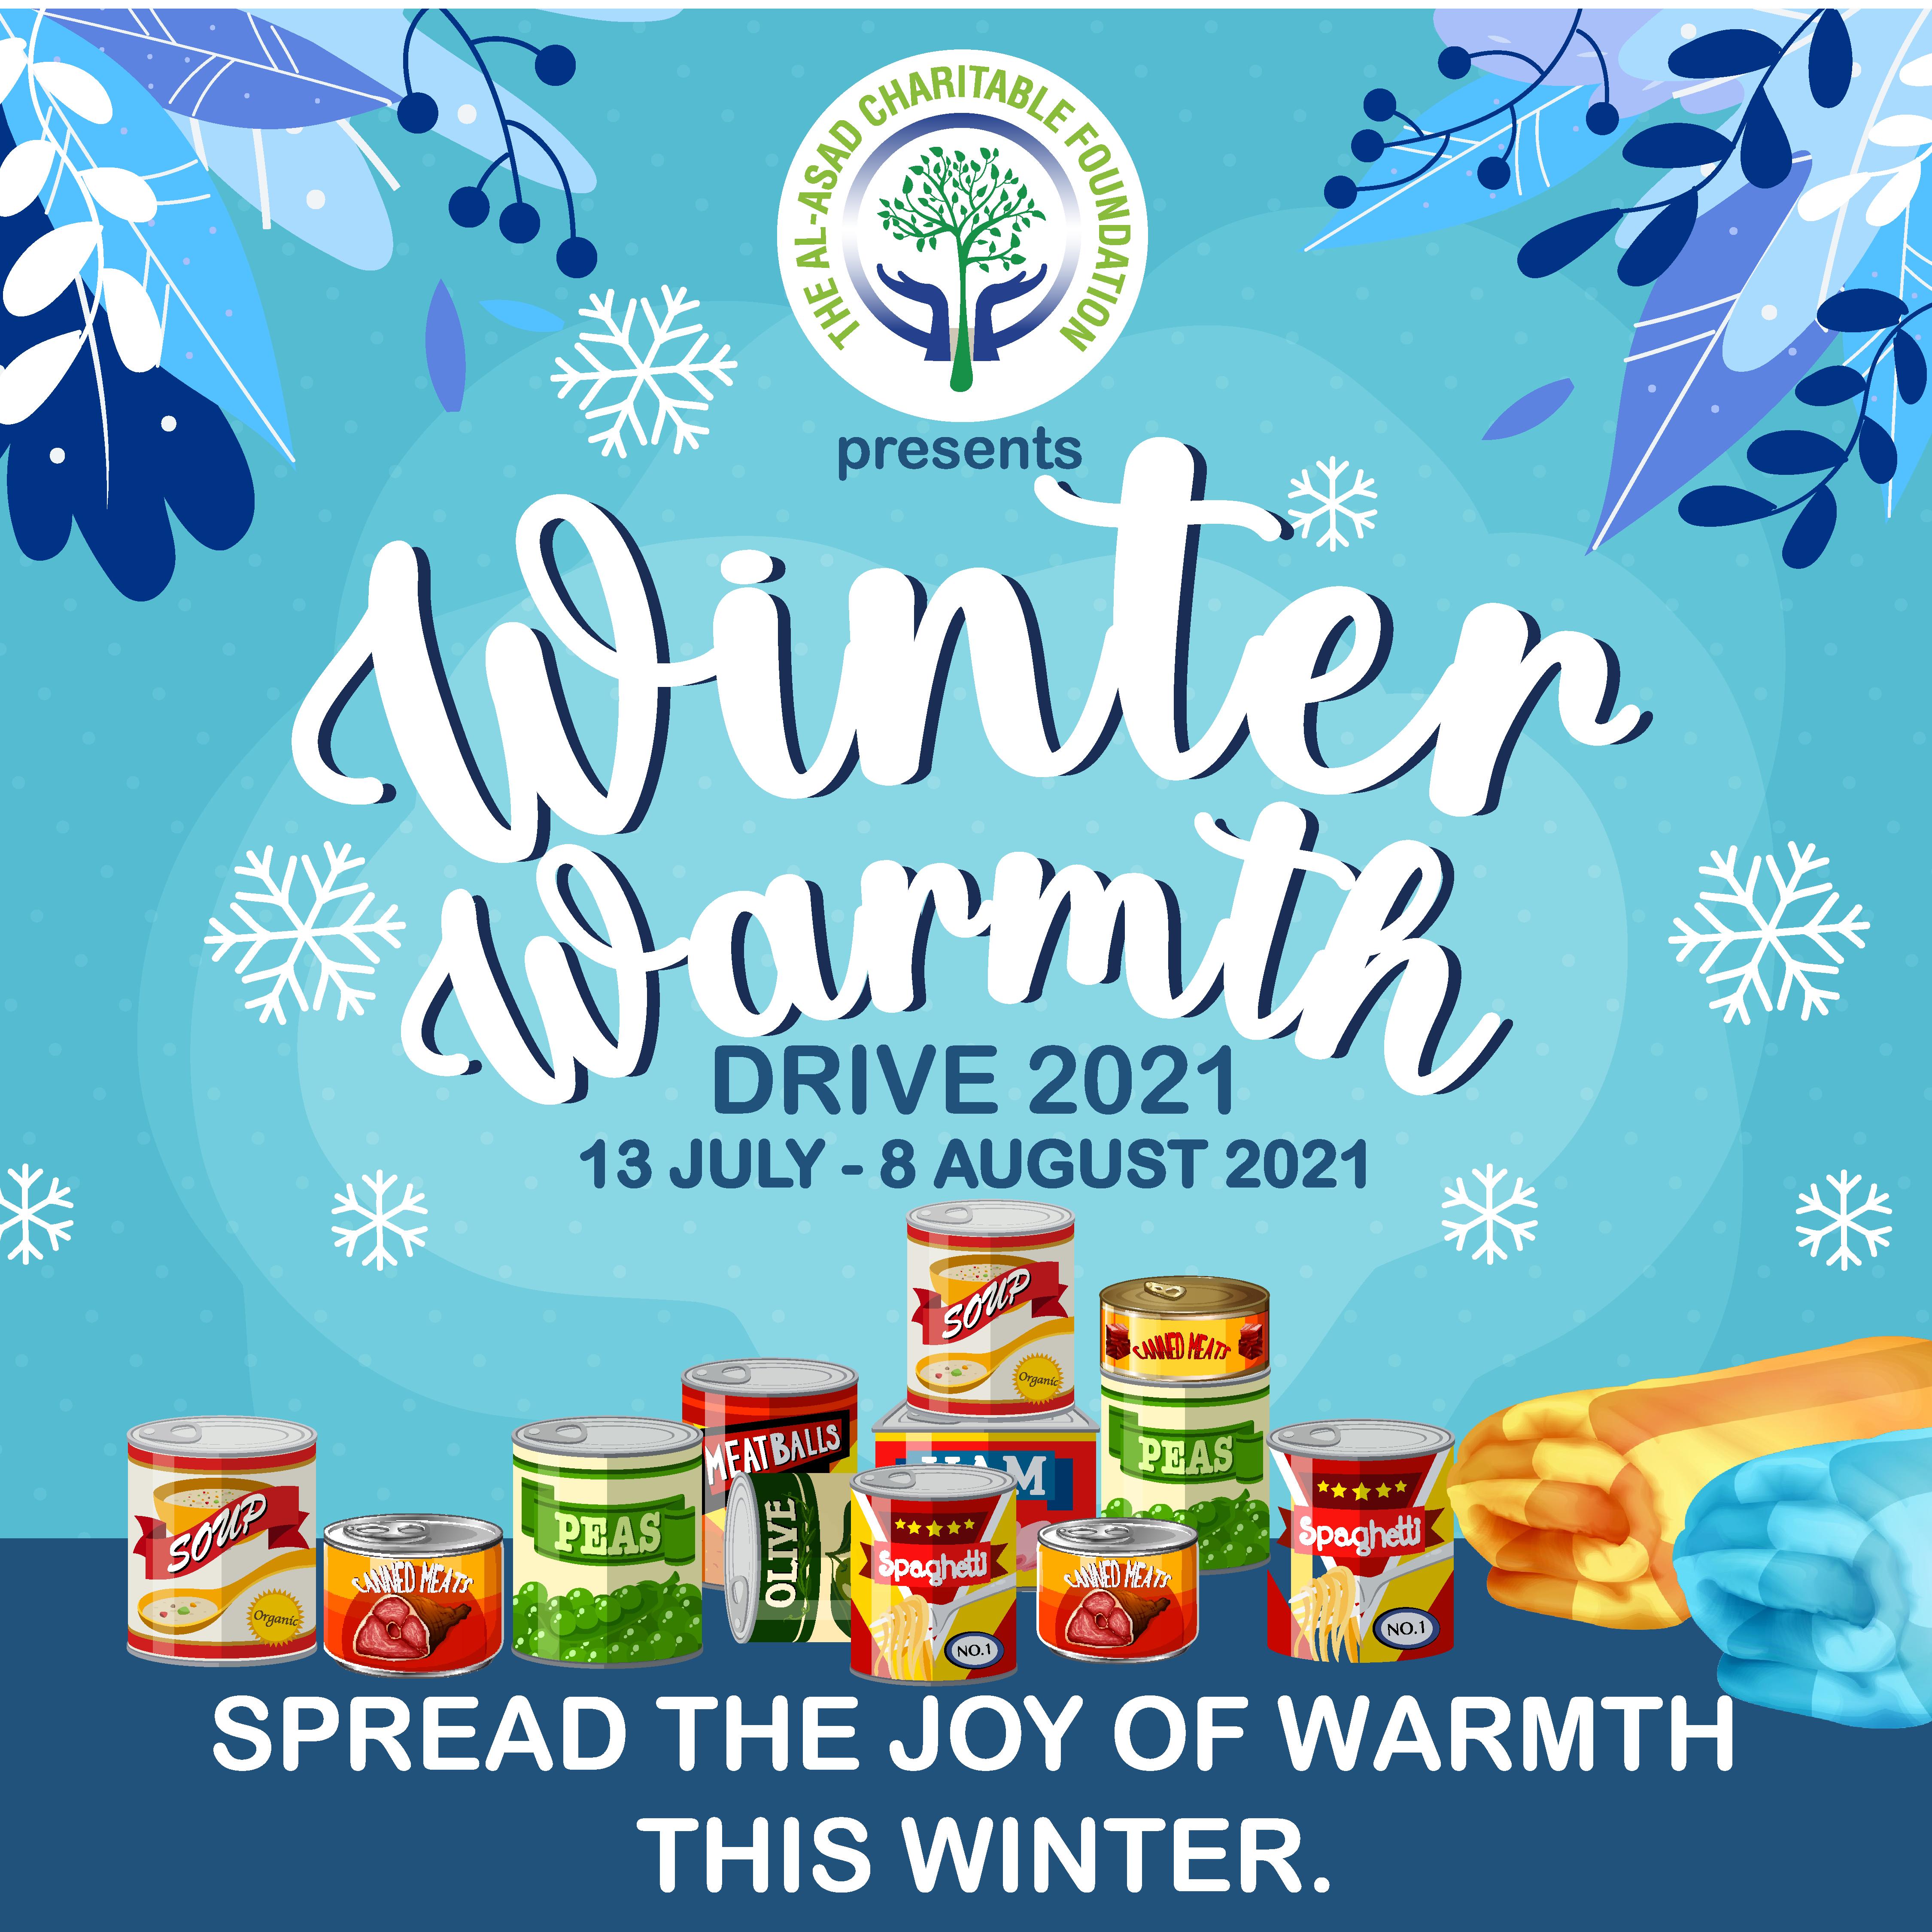 The Al-Asad Charitable Foundation Winter Warmth Drive 2021